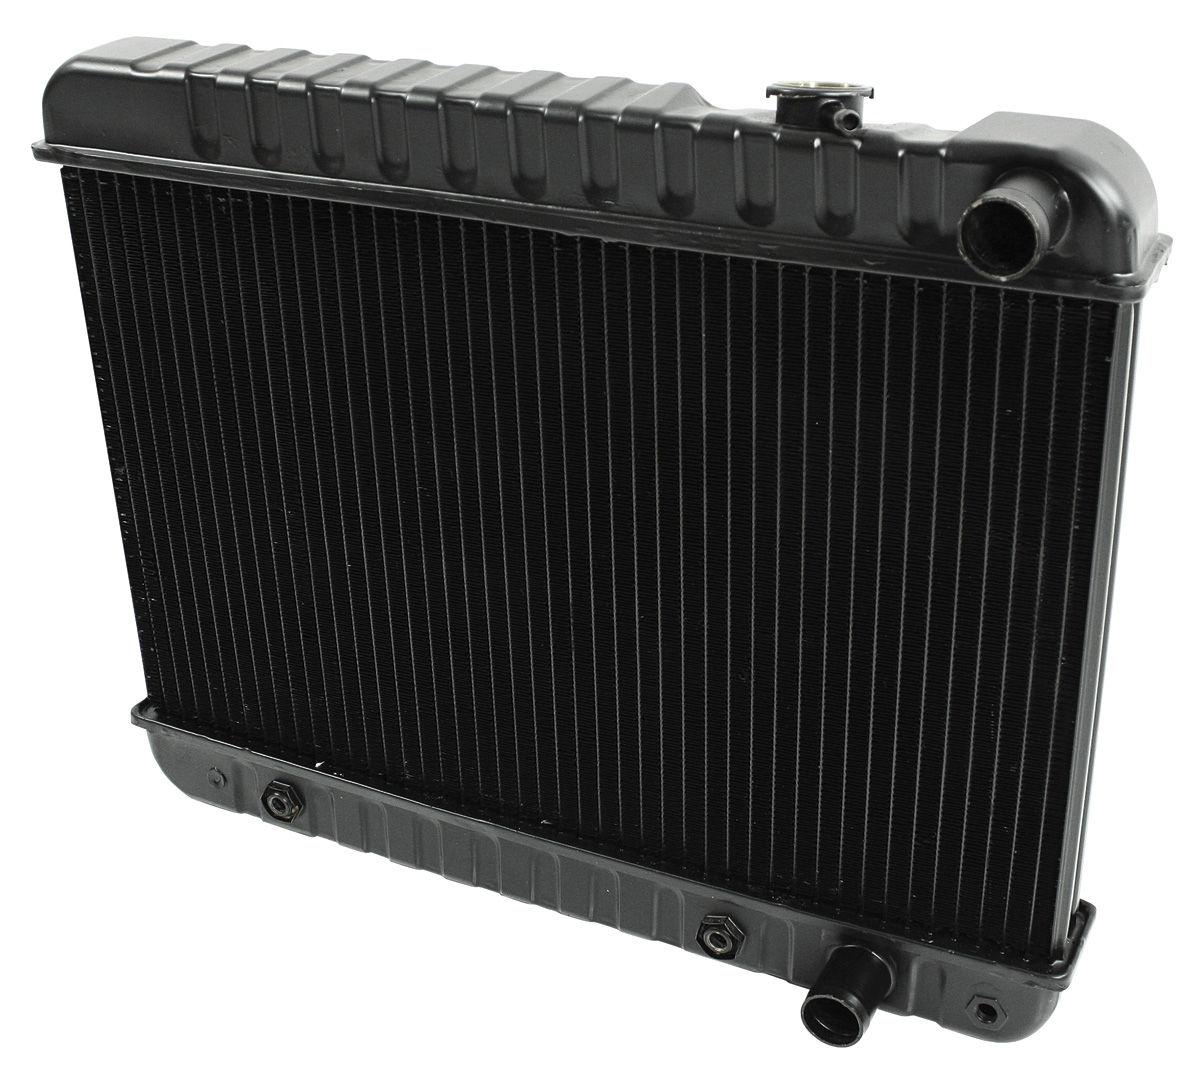 """Radiator, 1966-67 Skylark, V8, Manual, 3-Row, 17"""" X 20-3/4"""" X 2"""""""